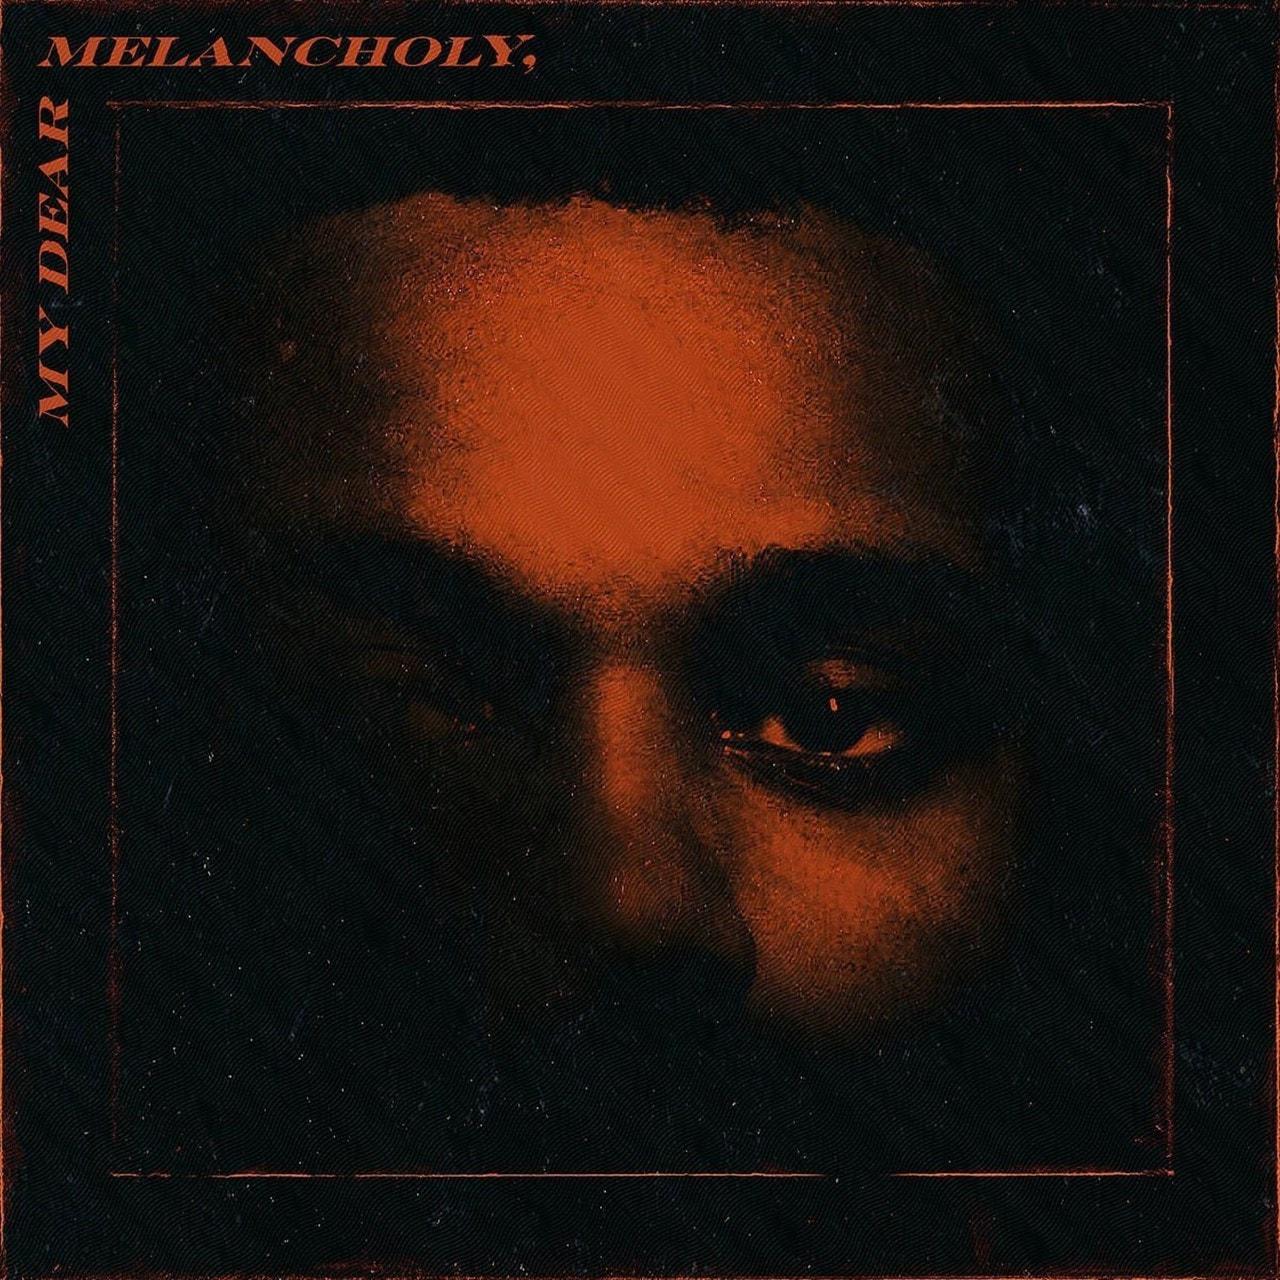 My Dear Melancholy - 1